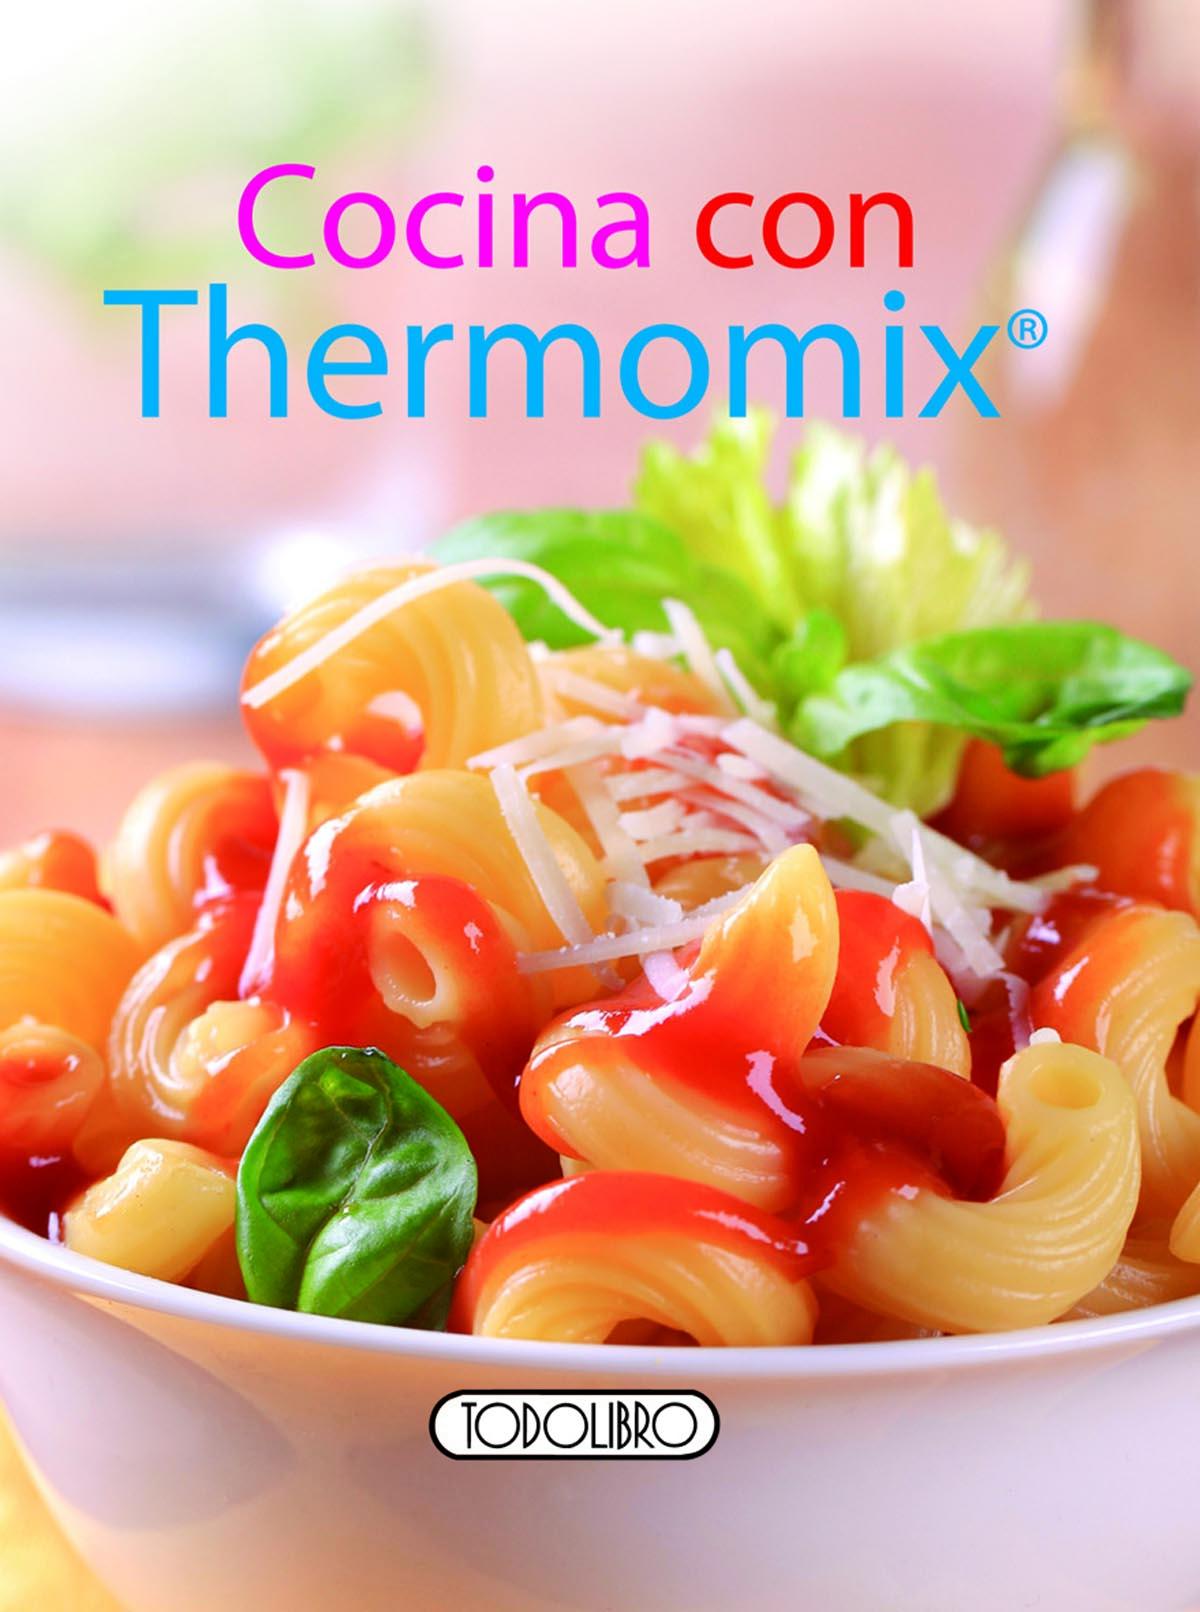 Libro recetas thermomix todolibro castellano cocina - Libros de cocina ...